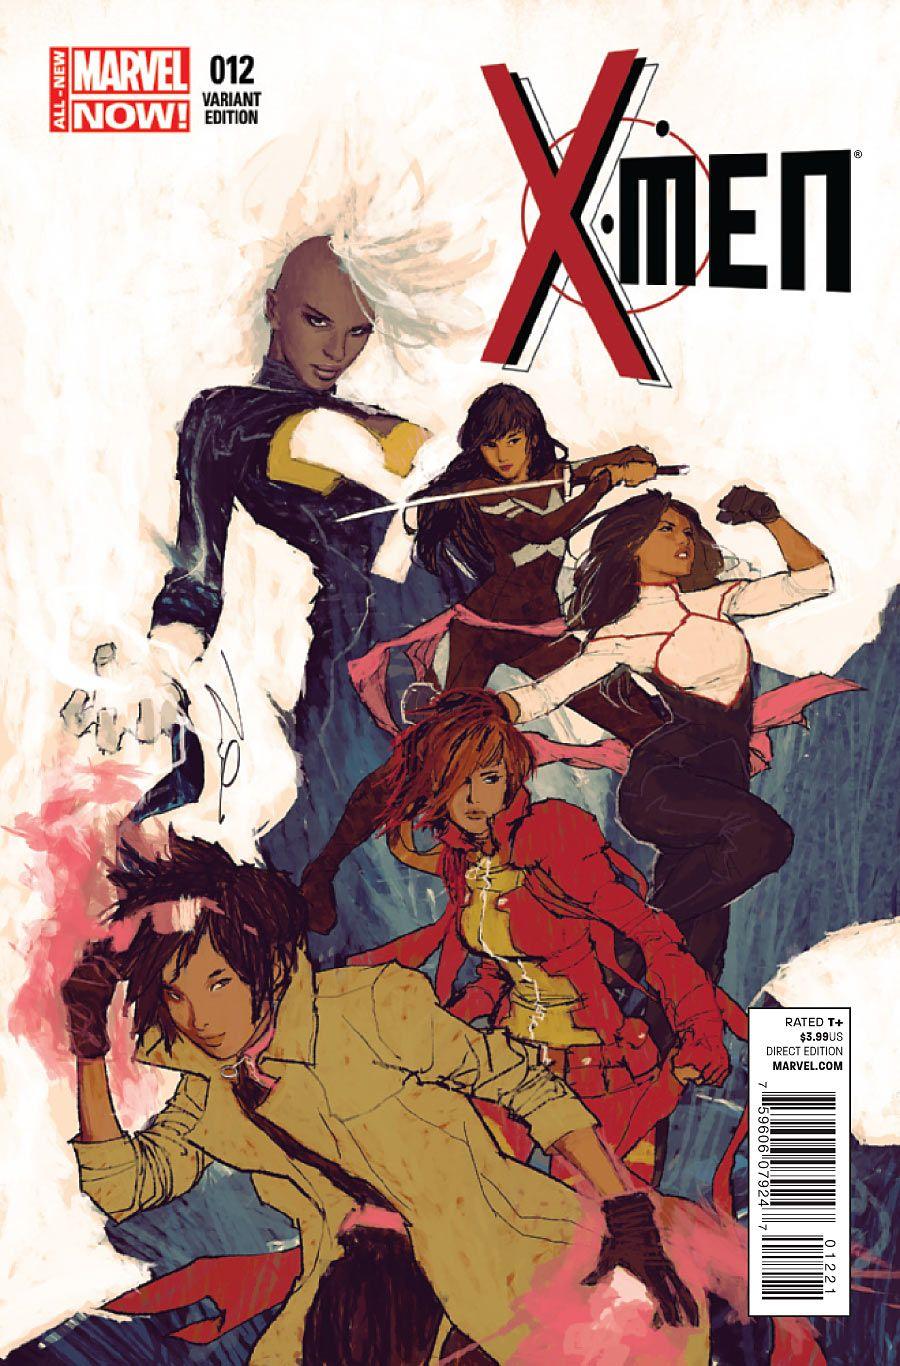 Monet In X Men Vol 4 12 Variant Cover Art By Parel Comics Marvel Comics Art Comic Books Art